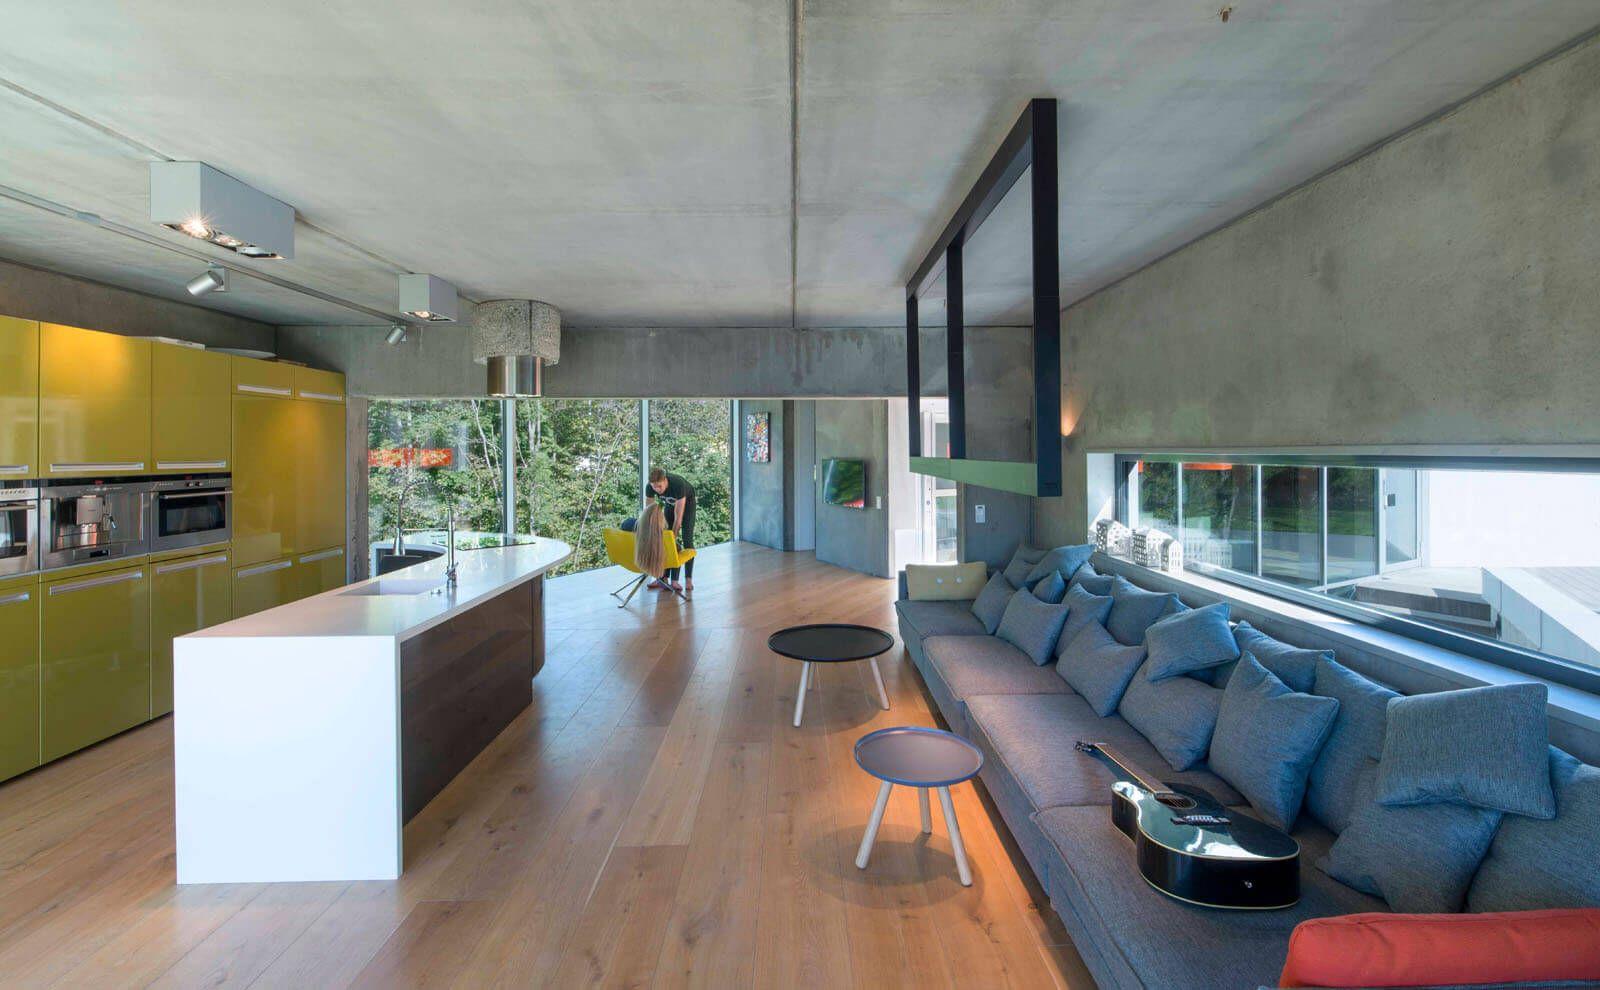 Architektur Referenz Hammerbakken Innenbereich